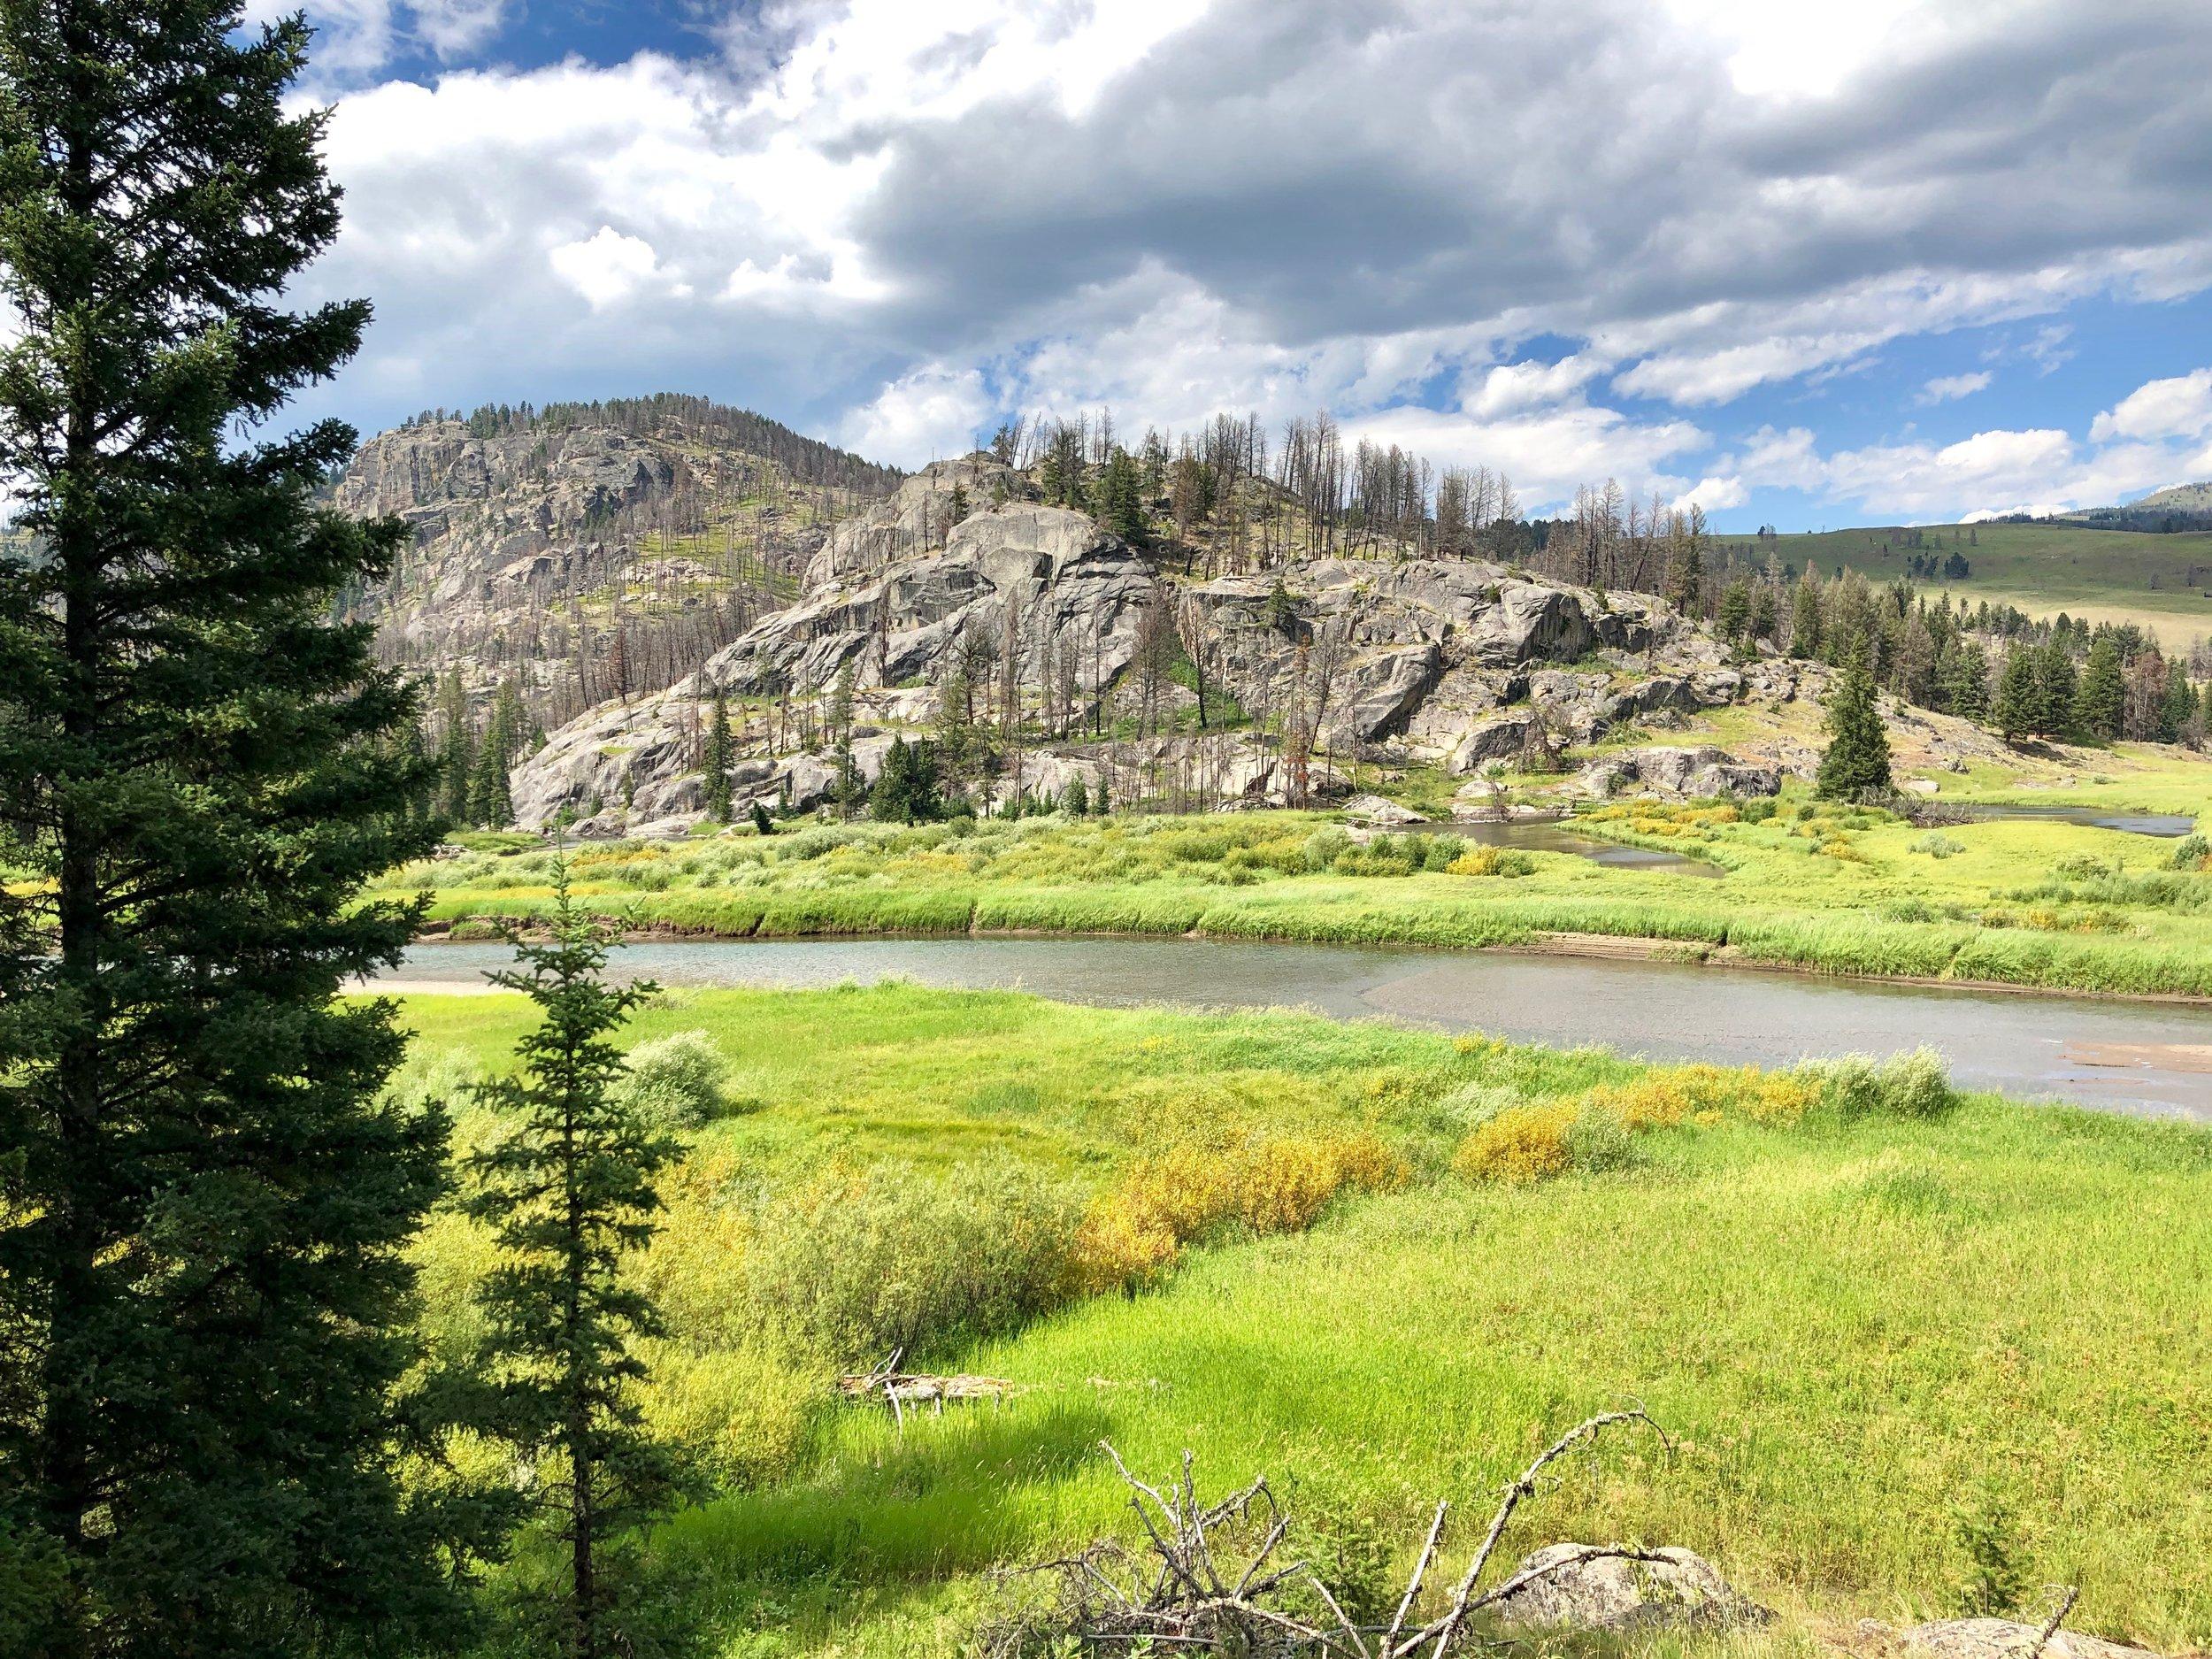 The Slough Creek hike...